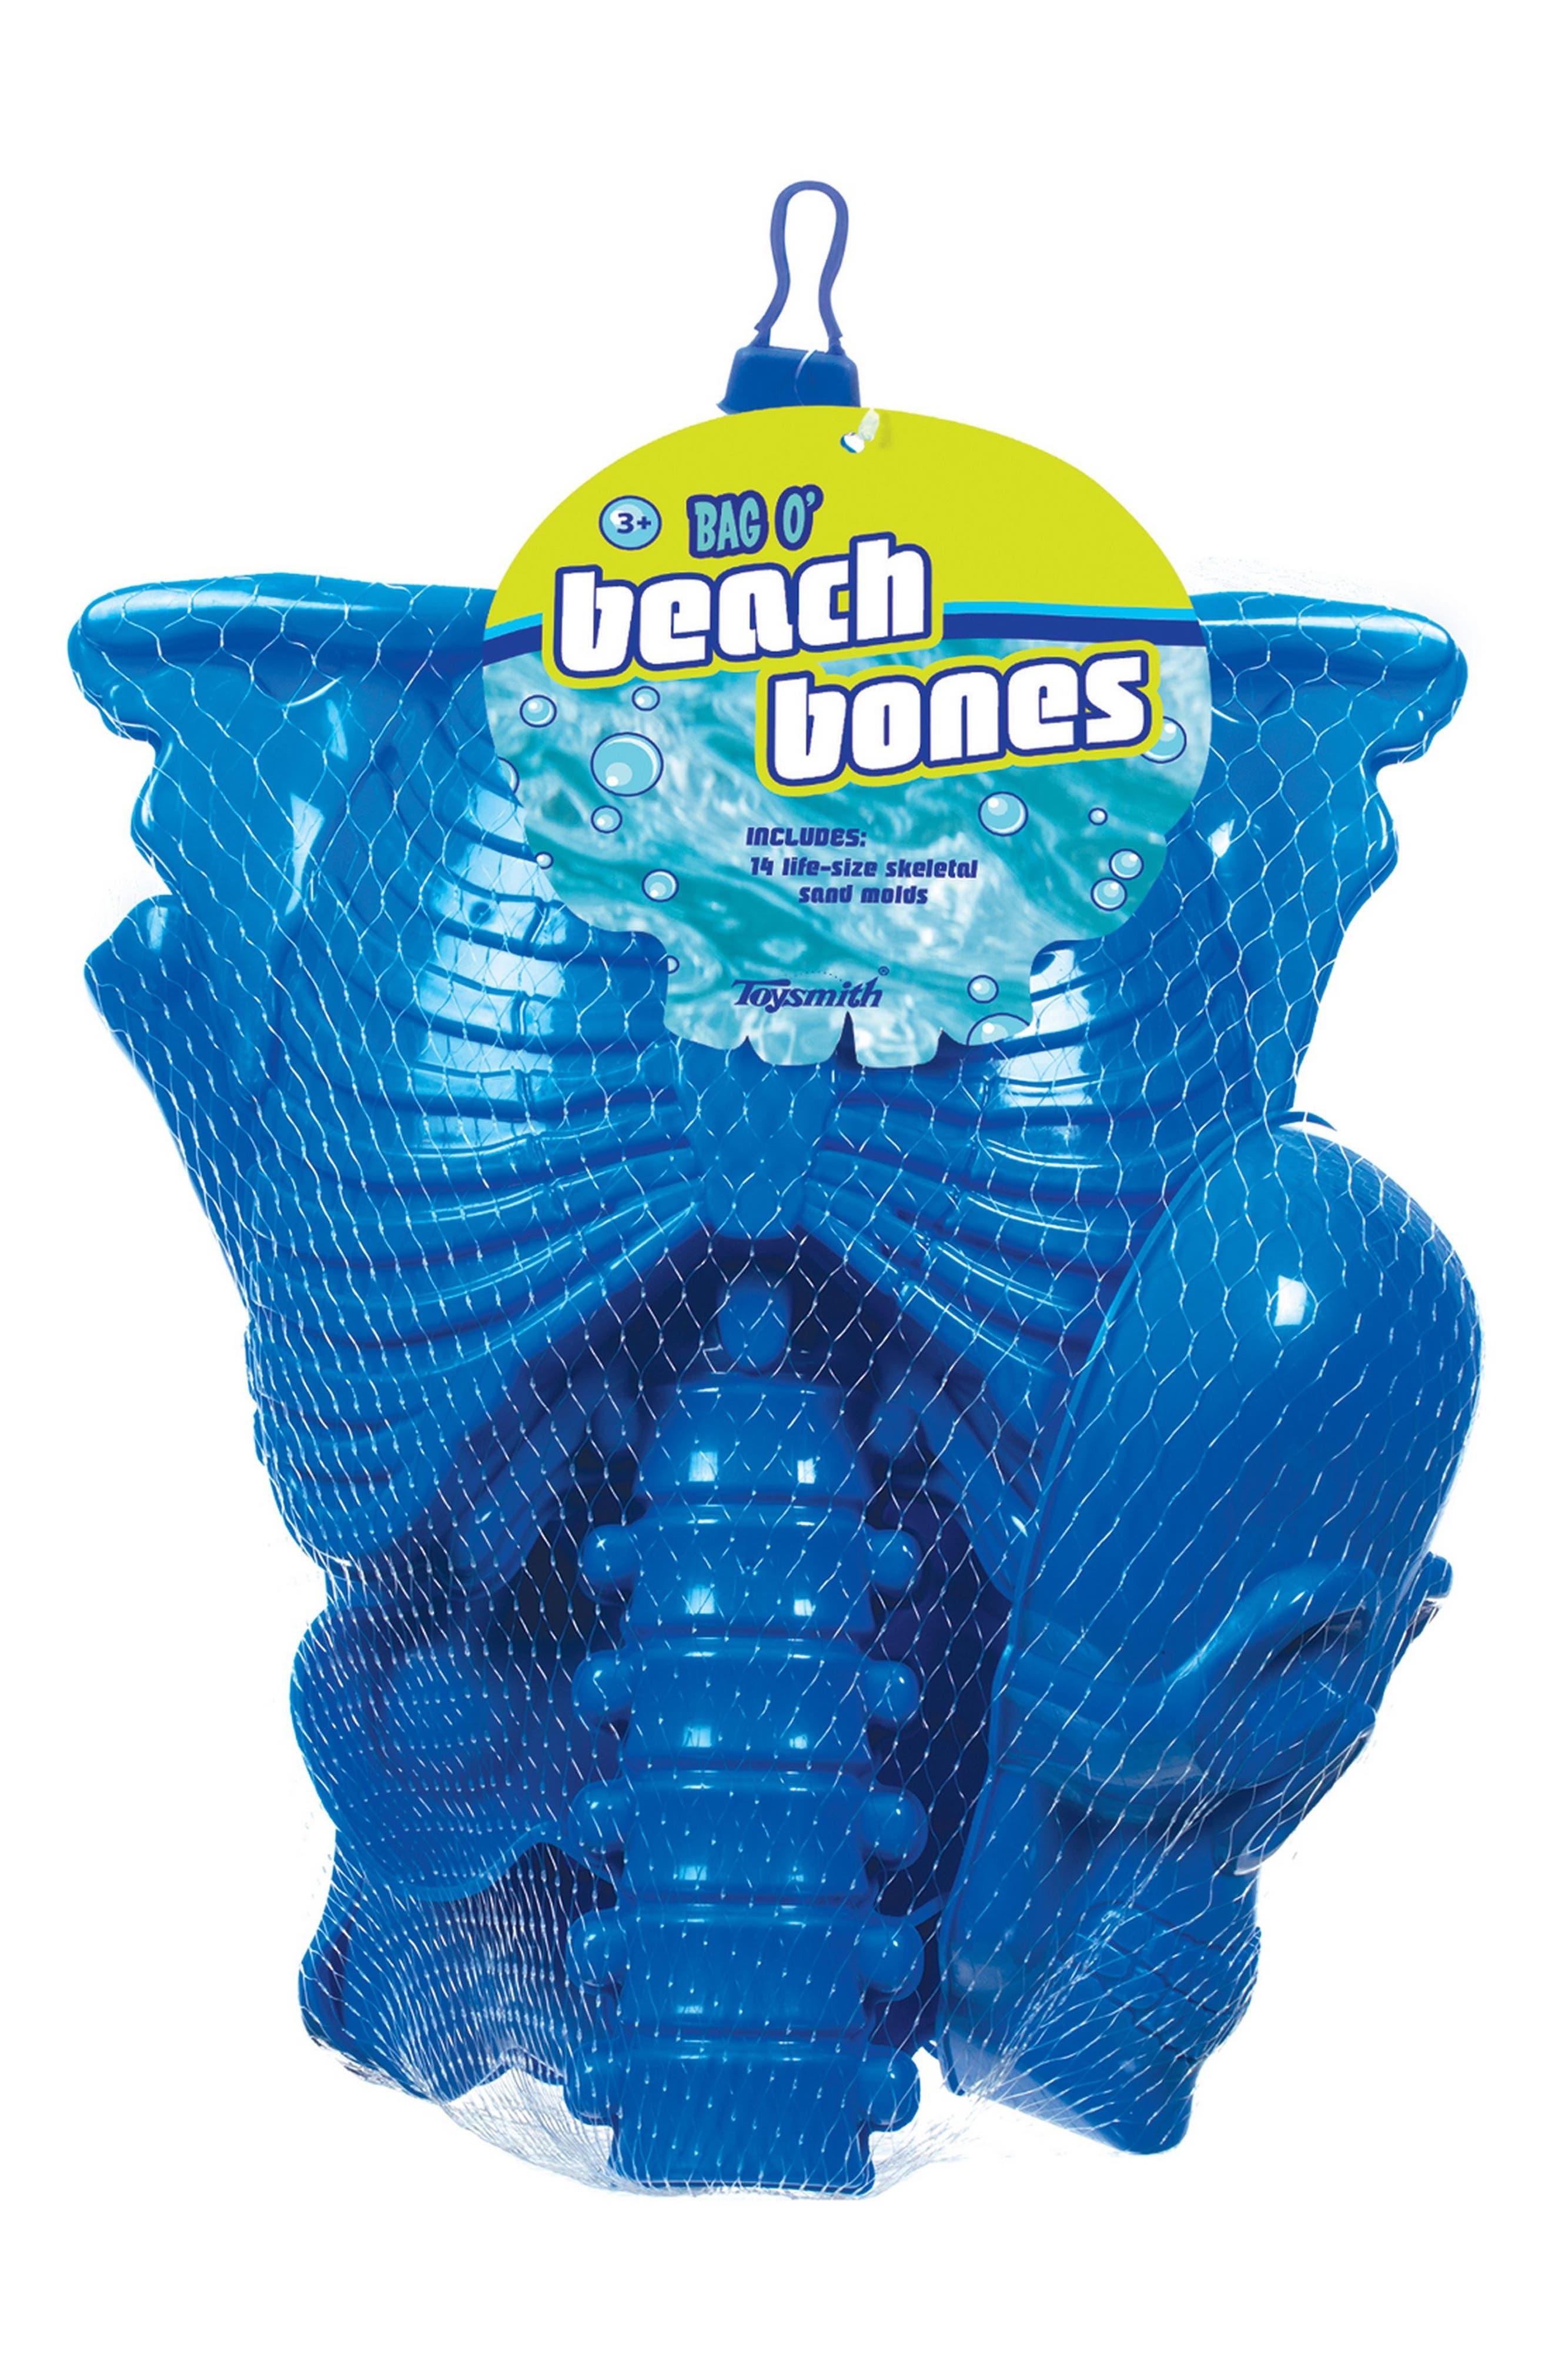 Toysmith Bag O' Beach Bones Beach Toy Kit (Kids)